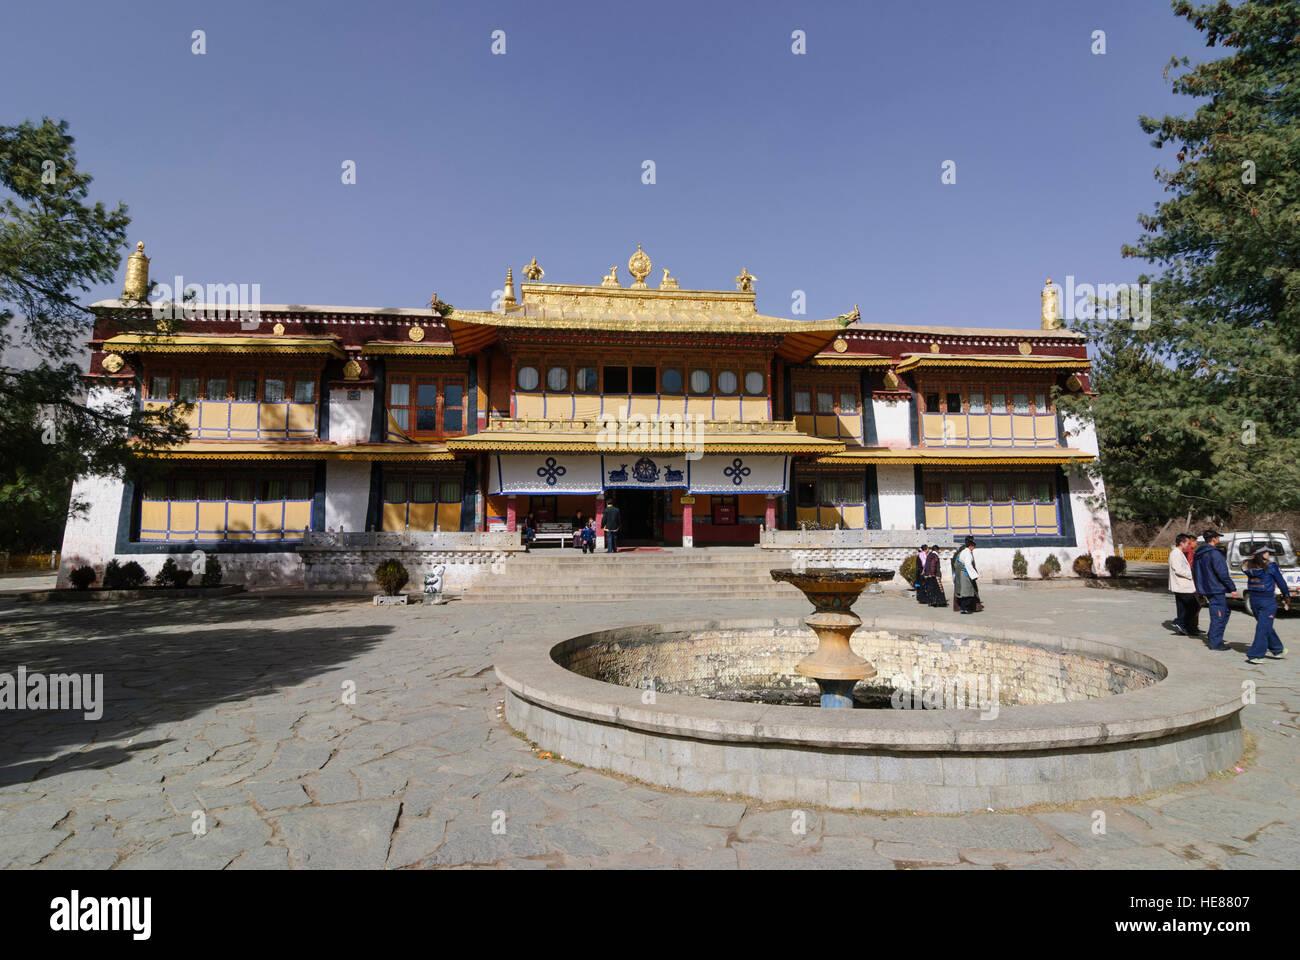 Lhasa: Norbulingka: Summer Palace of the Dalai Lamas; New summer palace built by the 14th (today) Dalai Lama, Tibet, - Stock Image